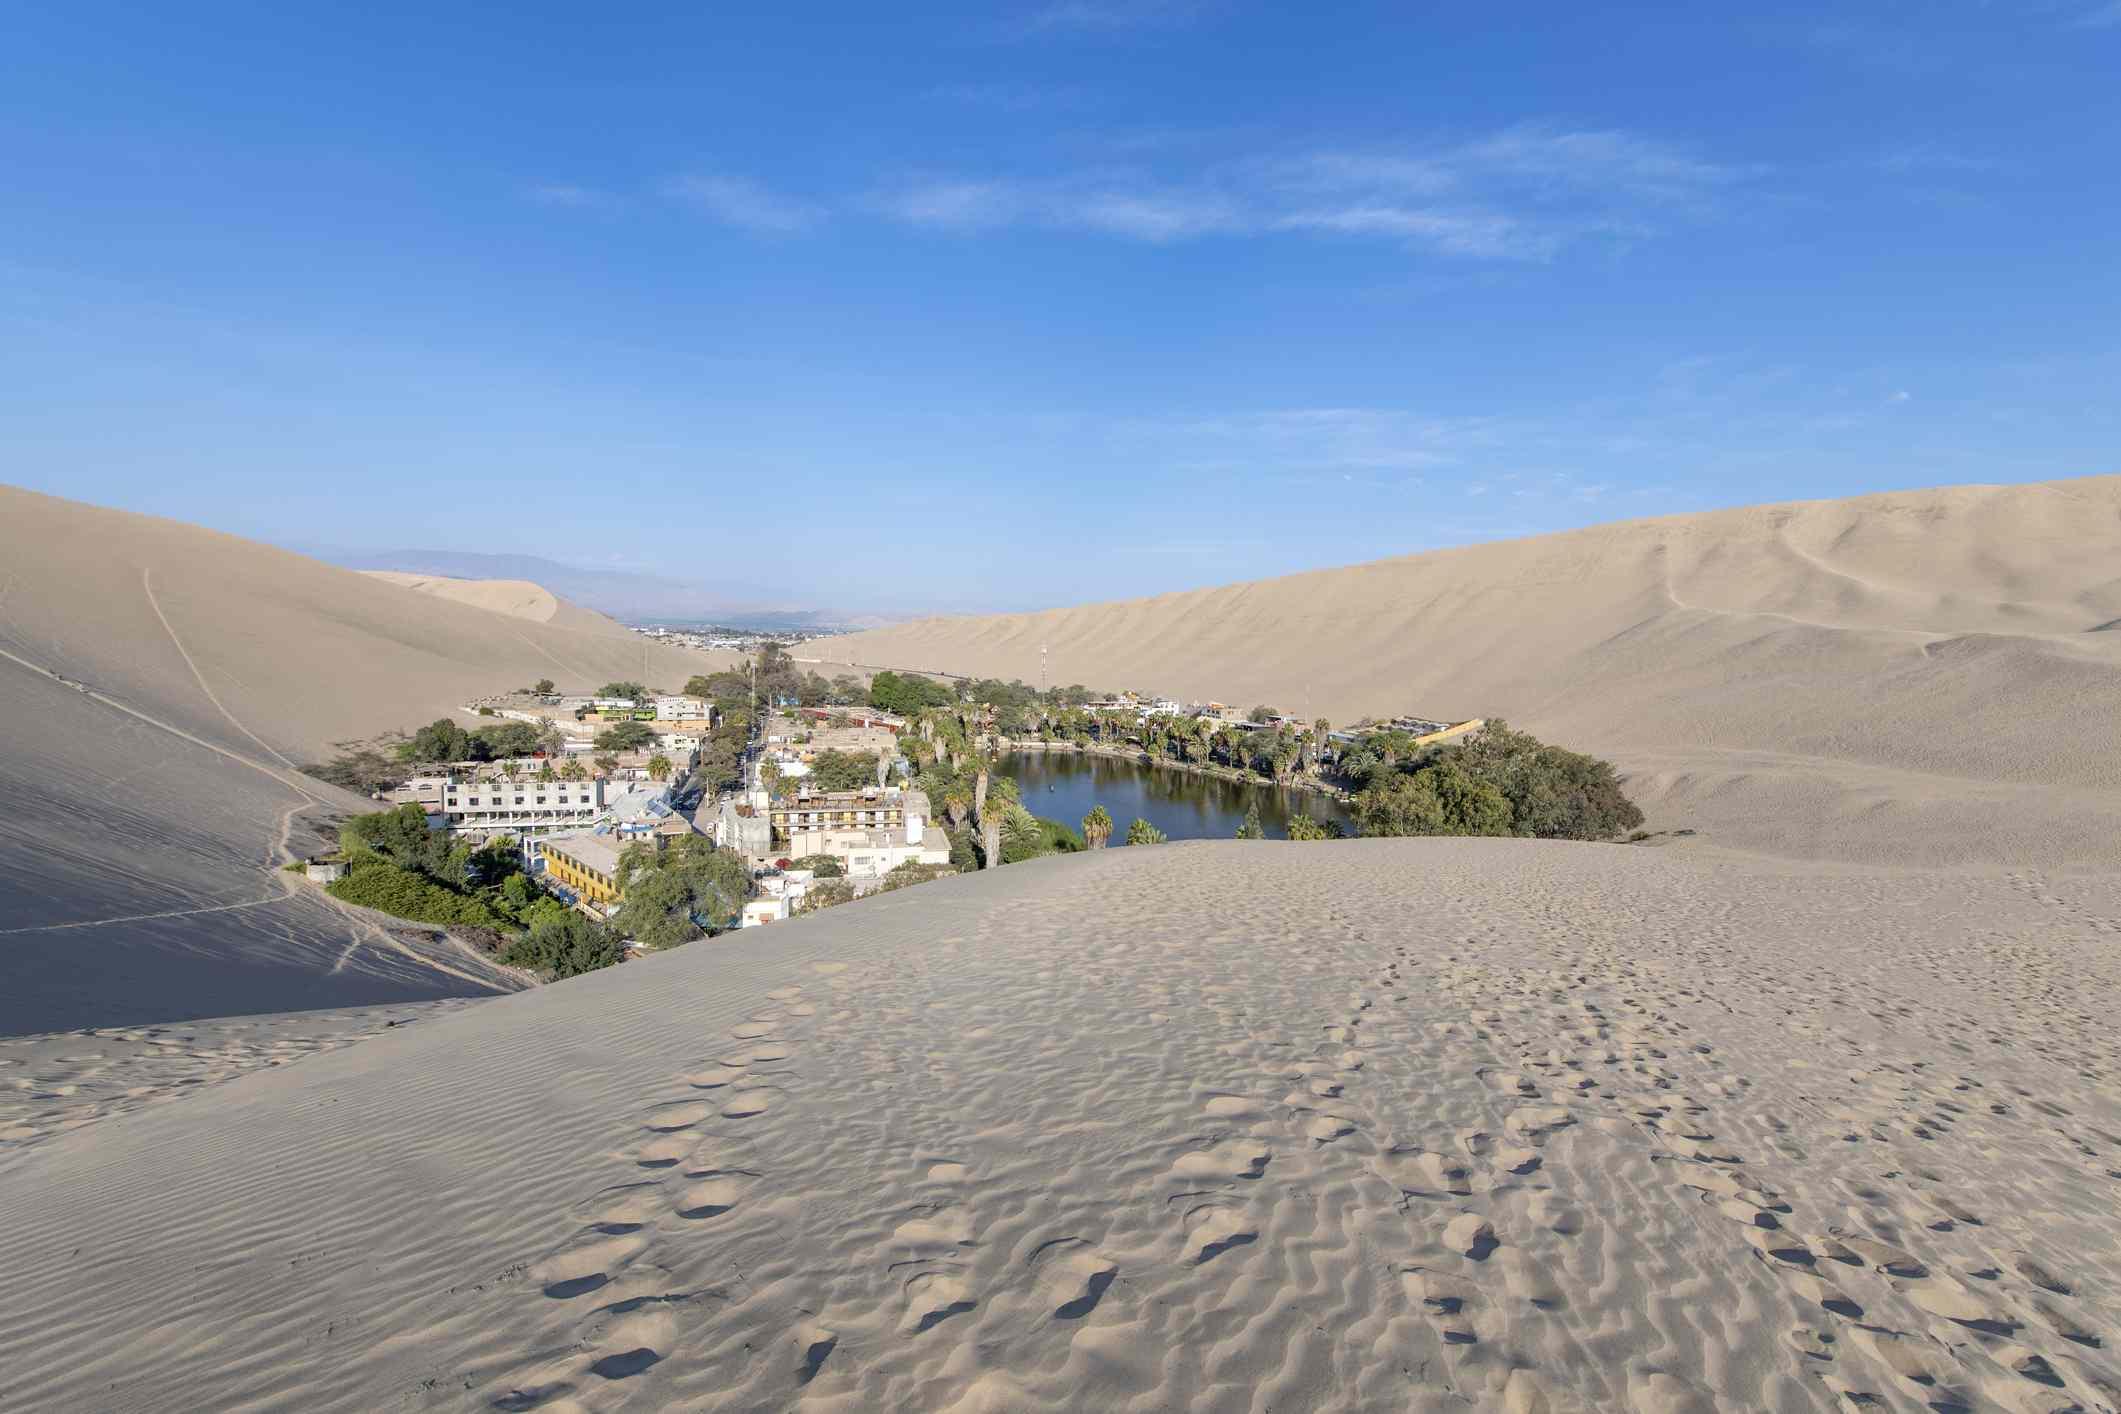 Desert oasis village of Huacachina in Peru